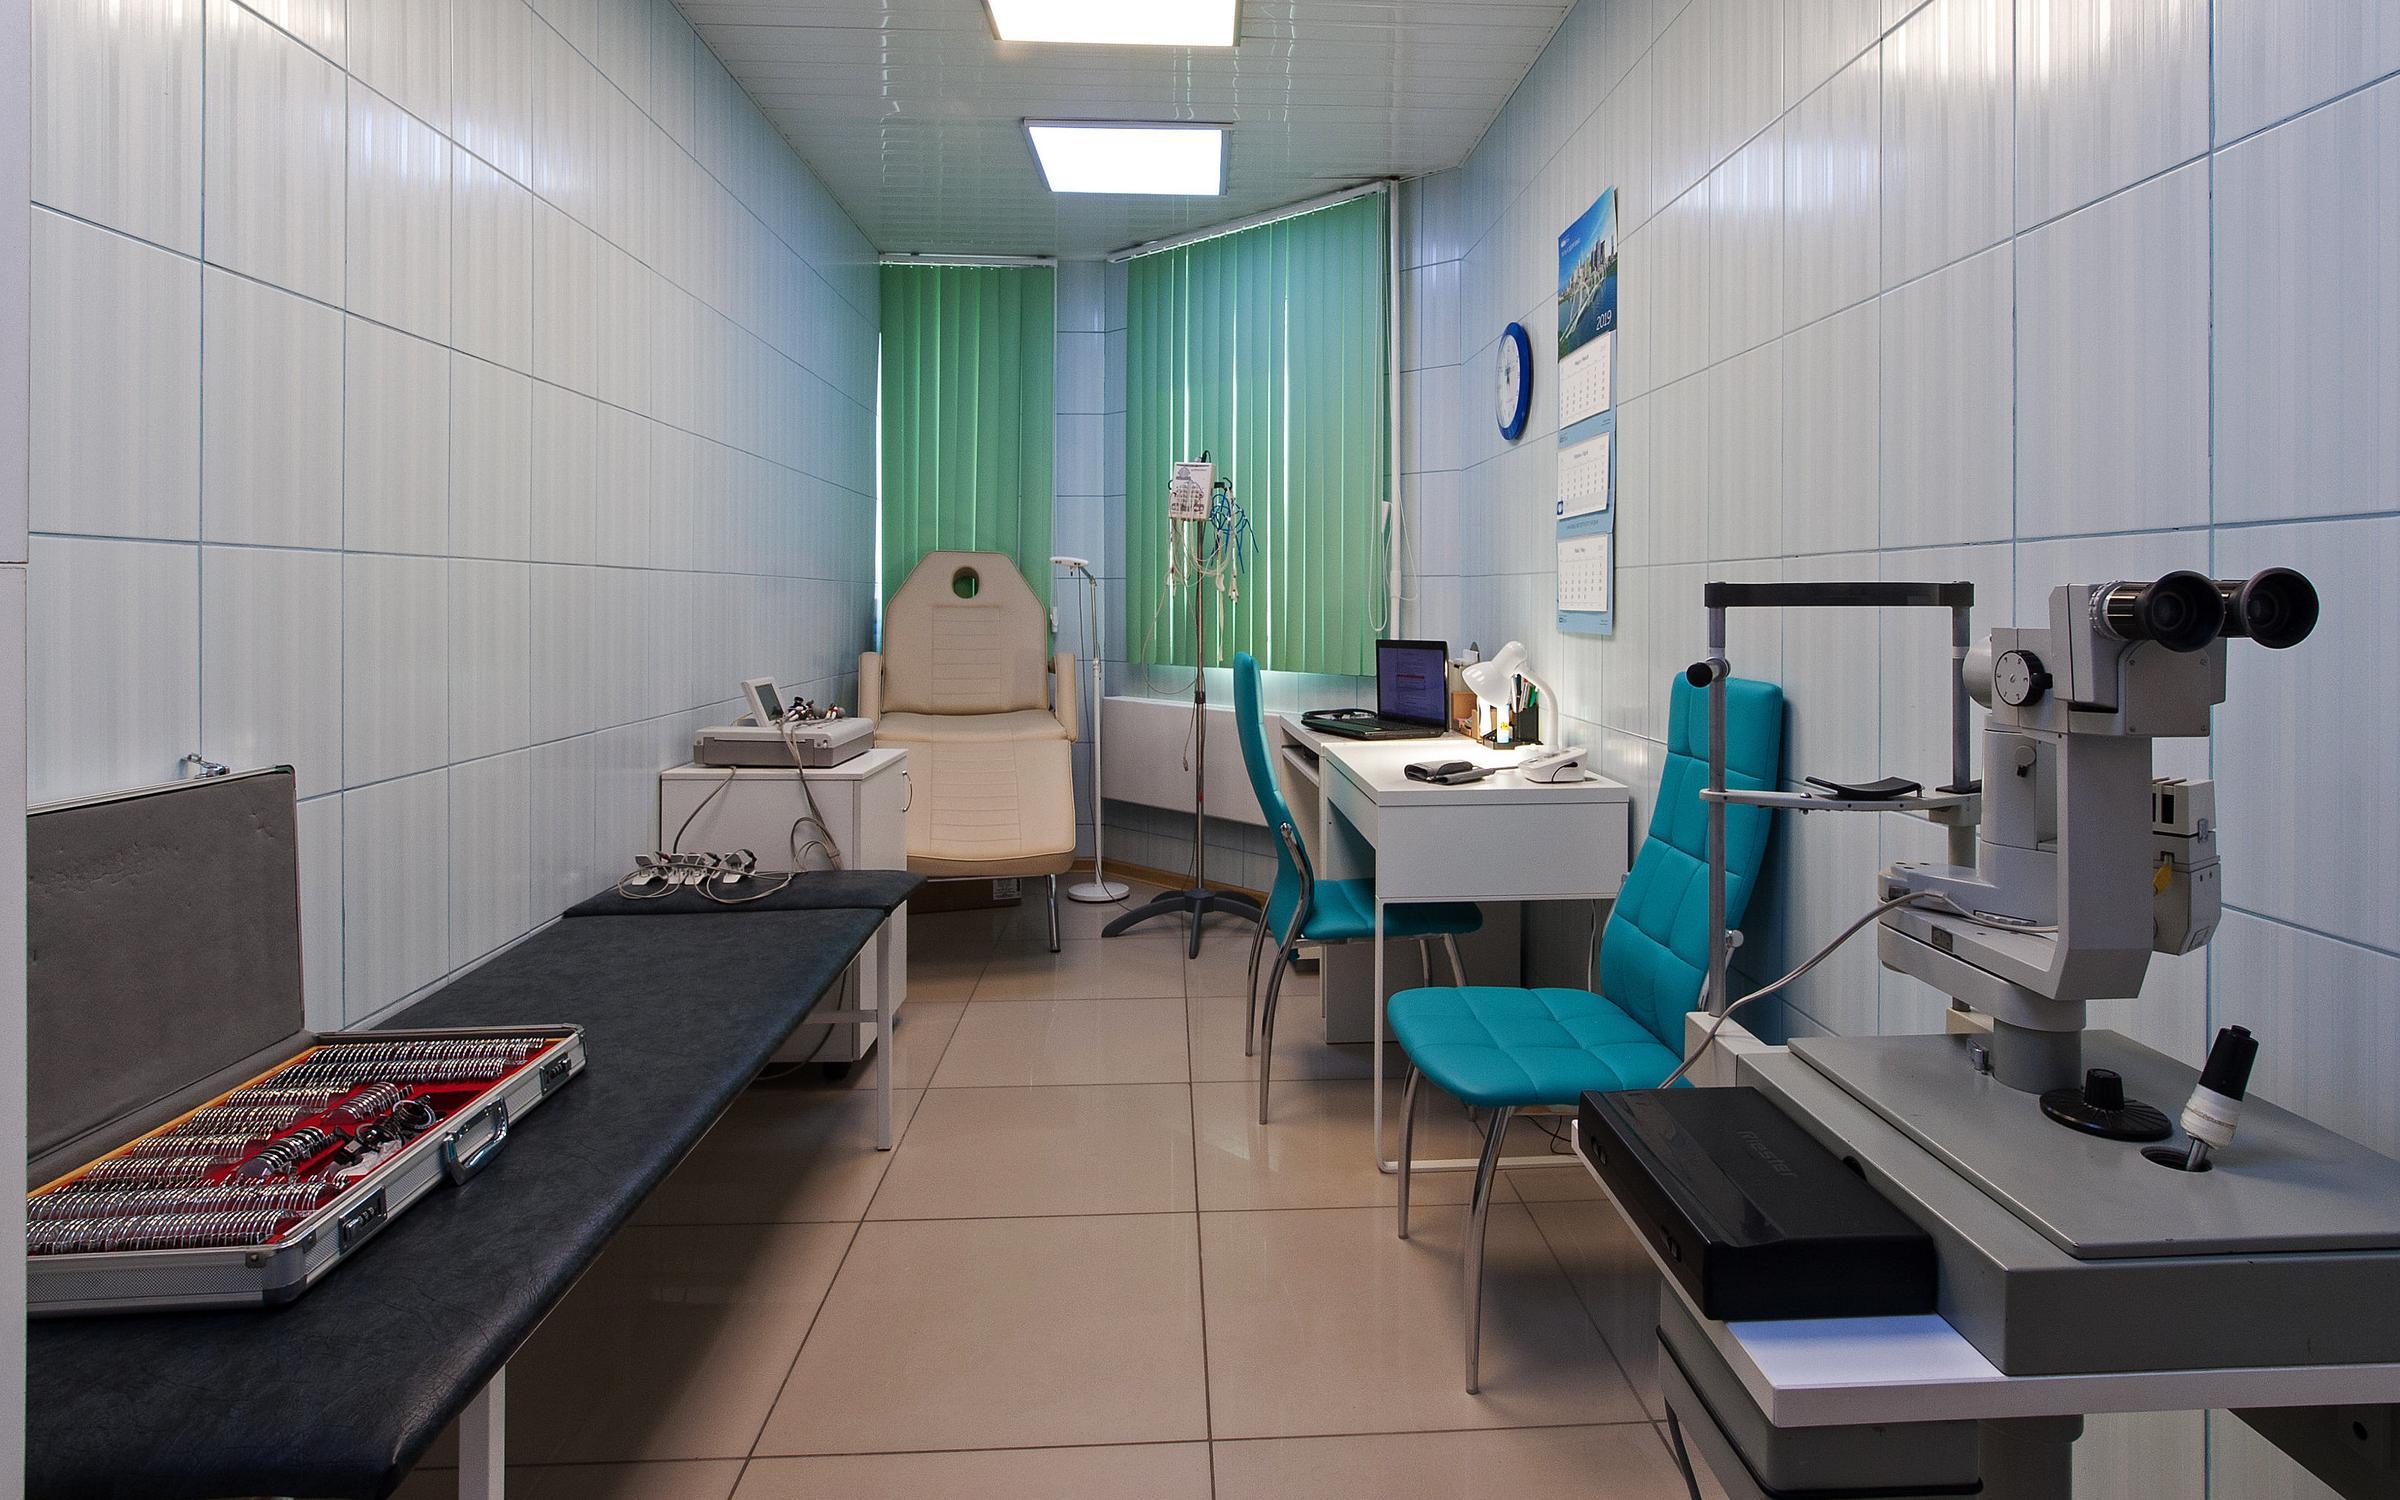 фотография Медицинской клиники GoldenMed в Балашихе